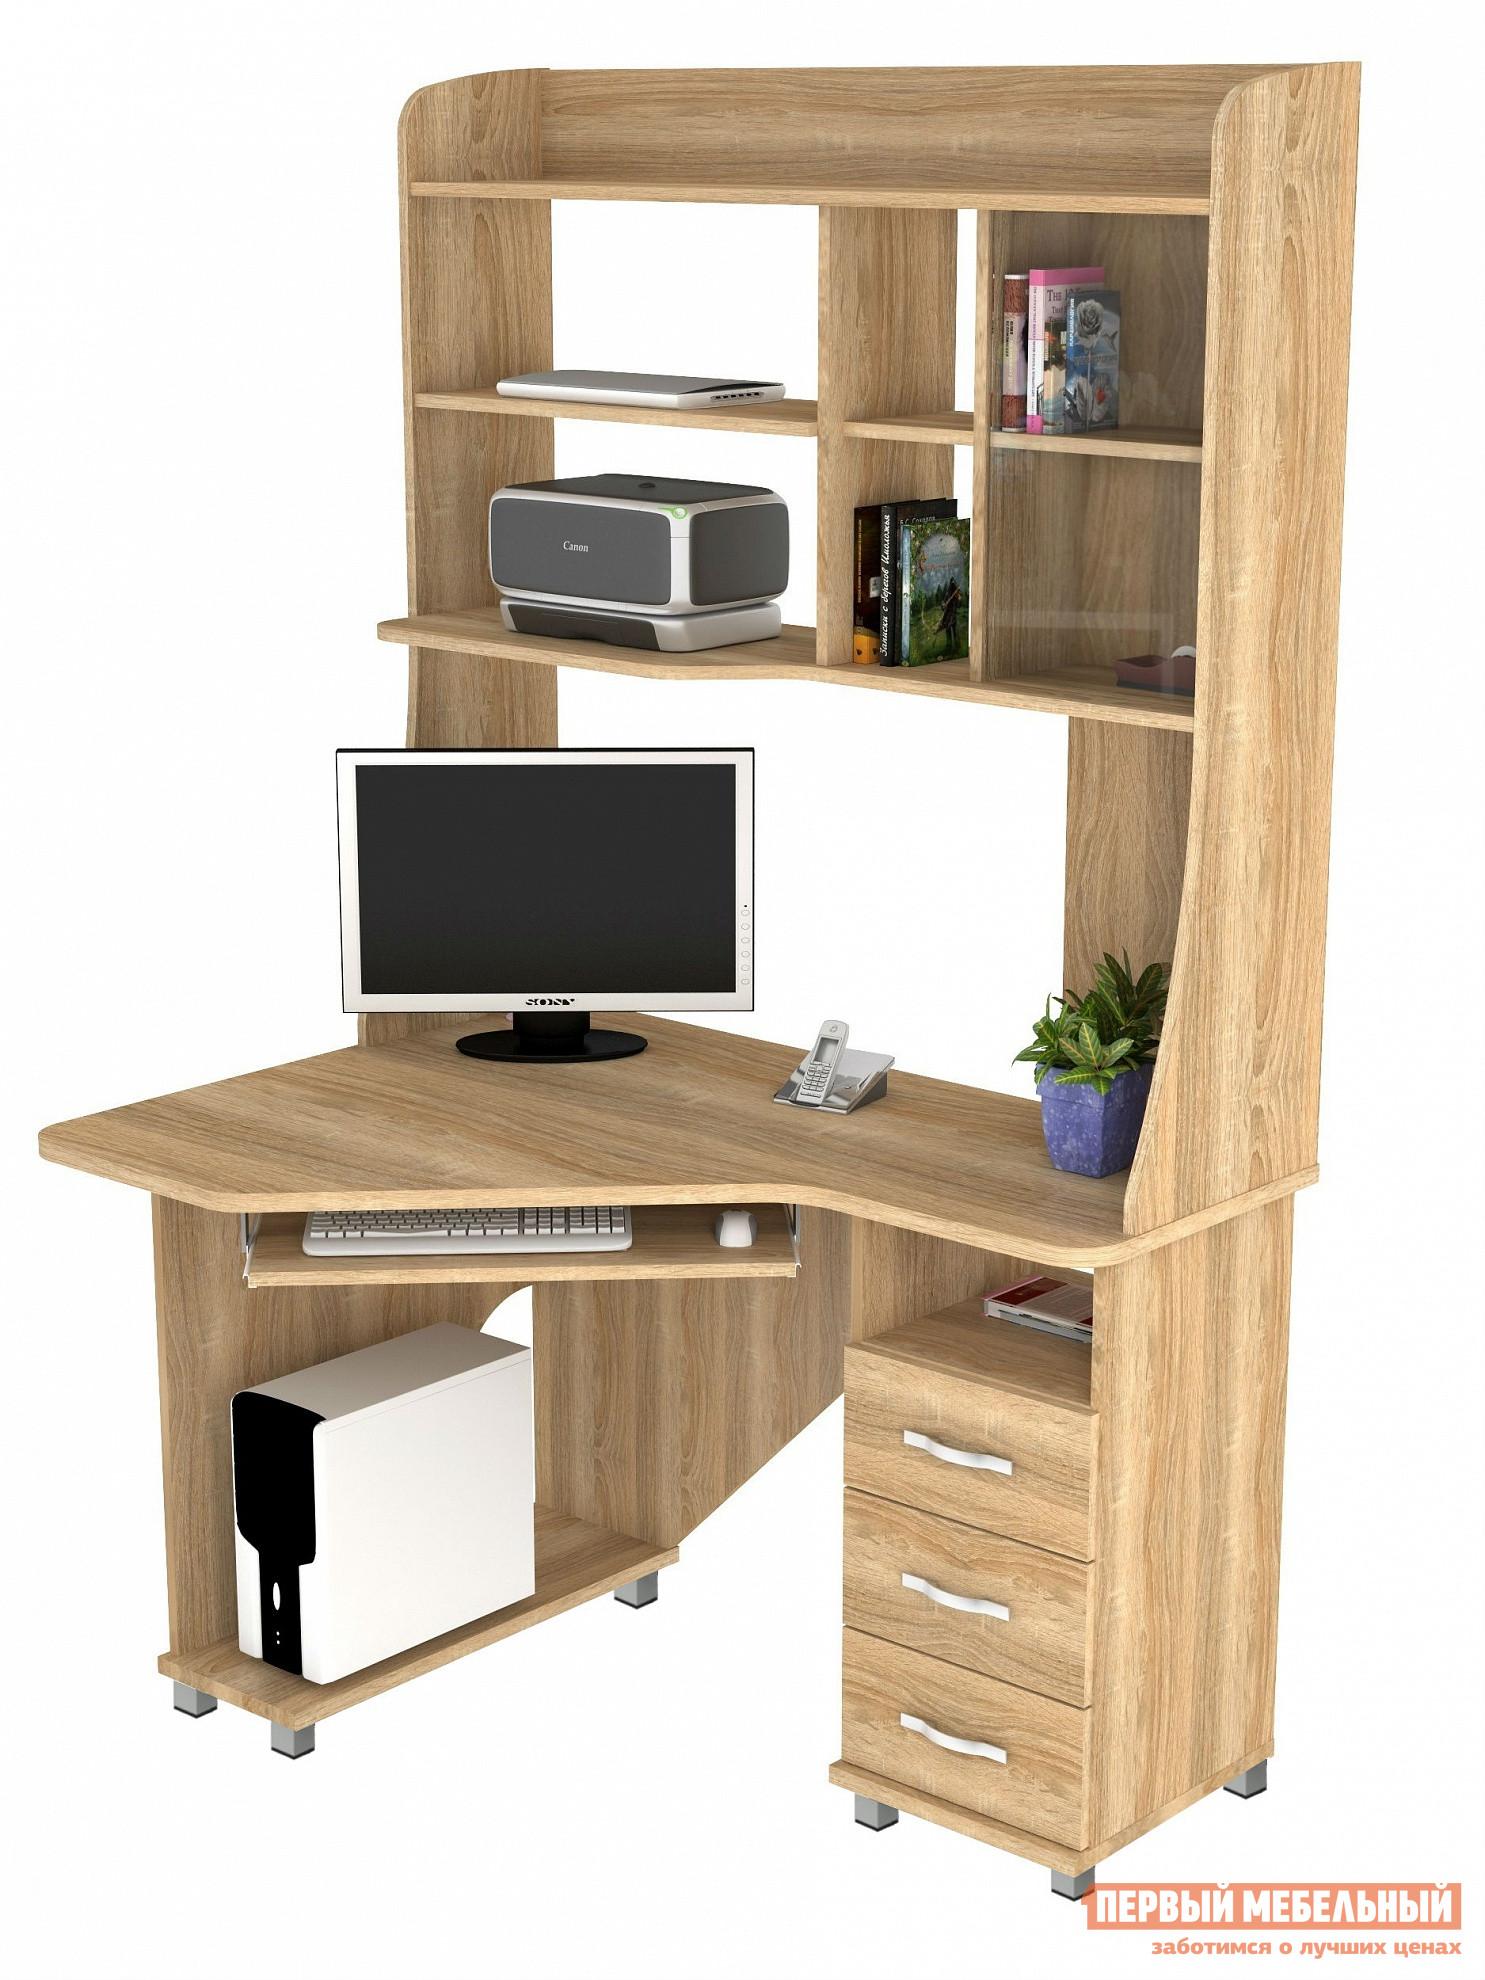 Угловой компьютерный стол с надстройкой ВасКо КС 20-29 м1 стол компьютерный васко кс 20 30 м1 дуб молочный